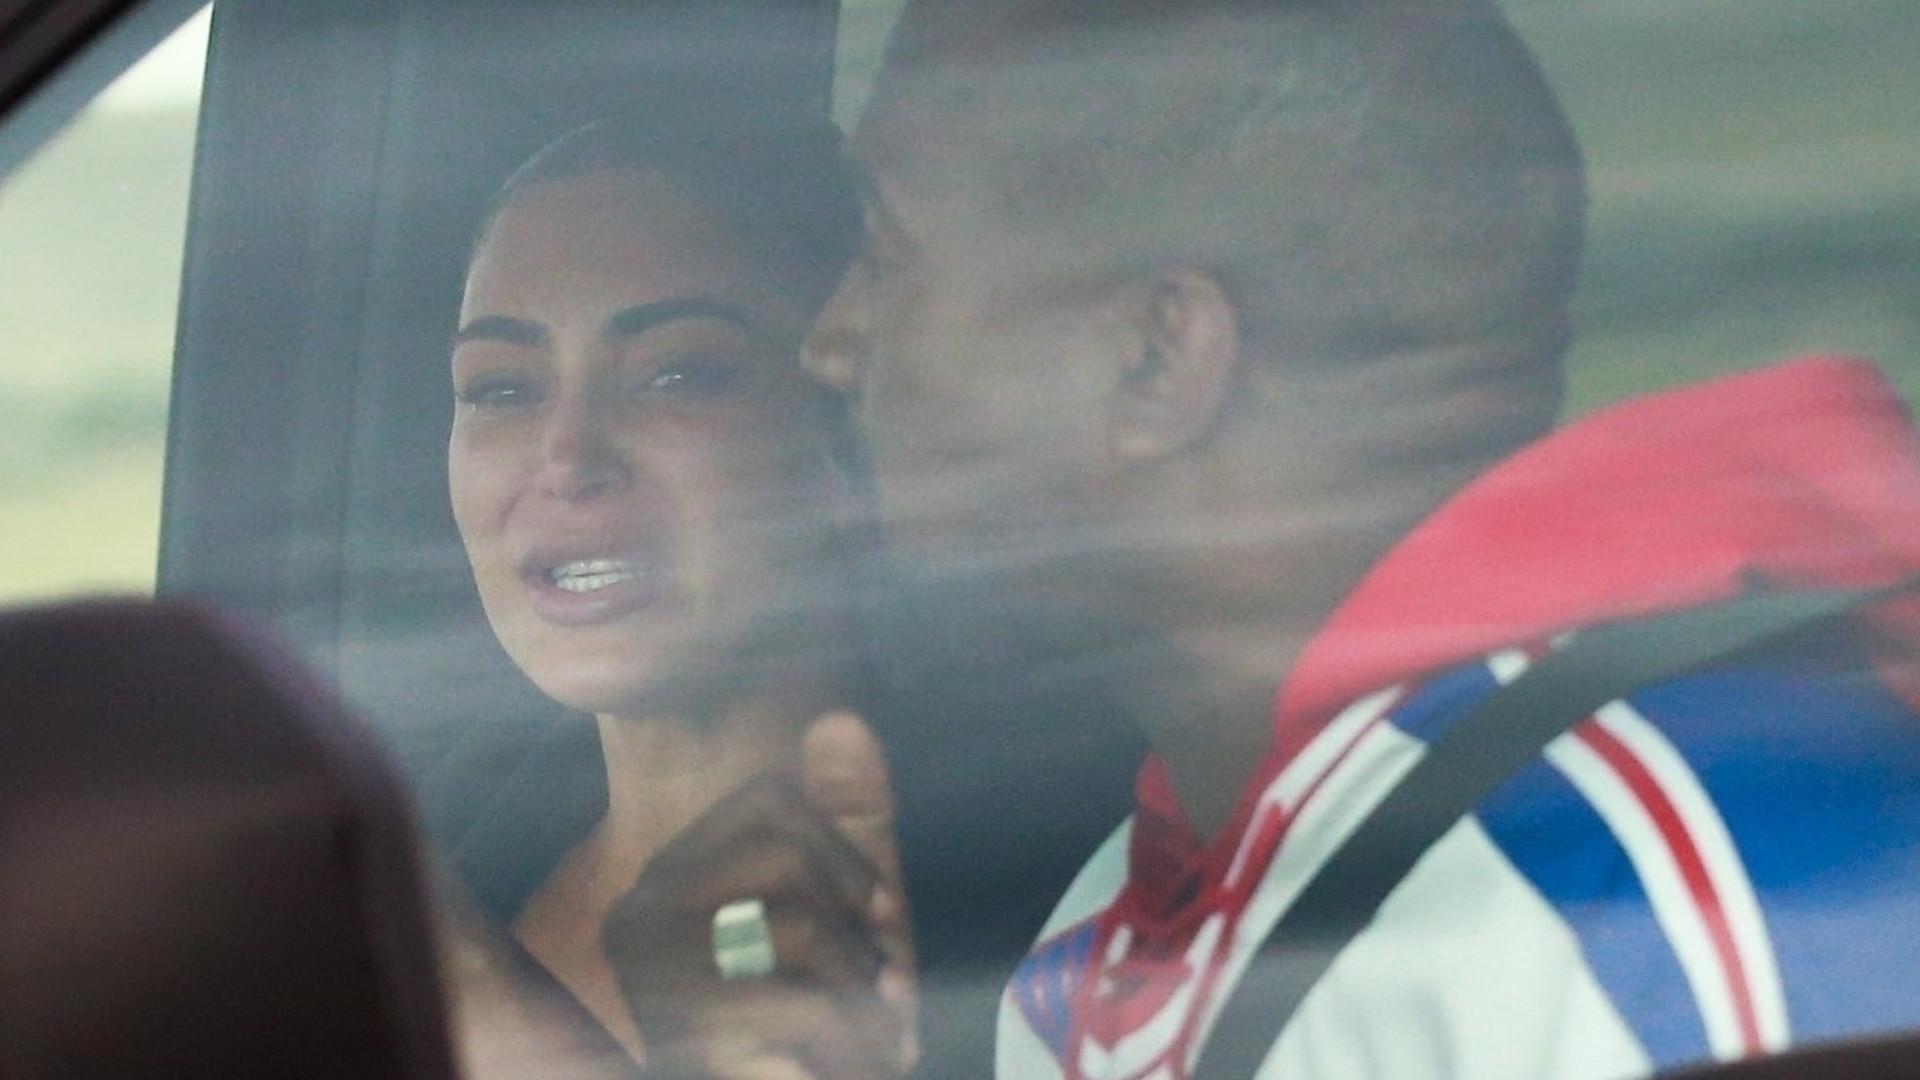 Kim Kardashian PŁACZE w samochodzie podczas kłótni z Kanye Westem (ZDJĘCIA)